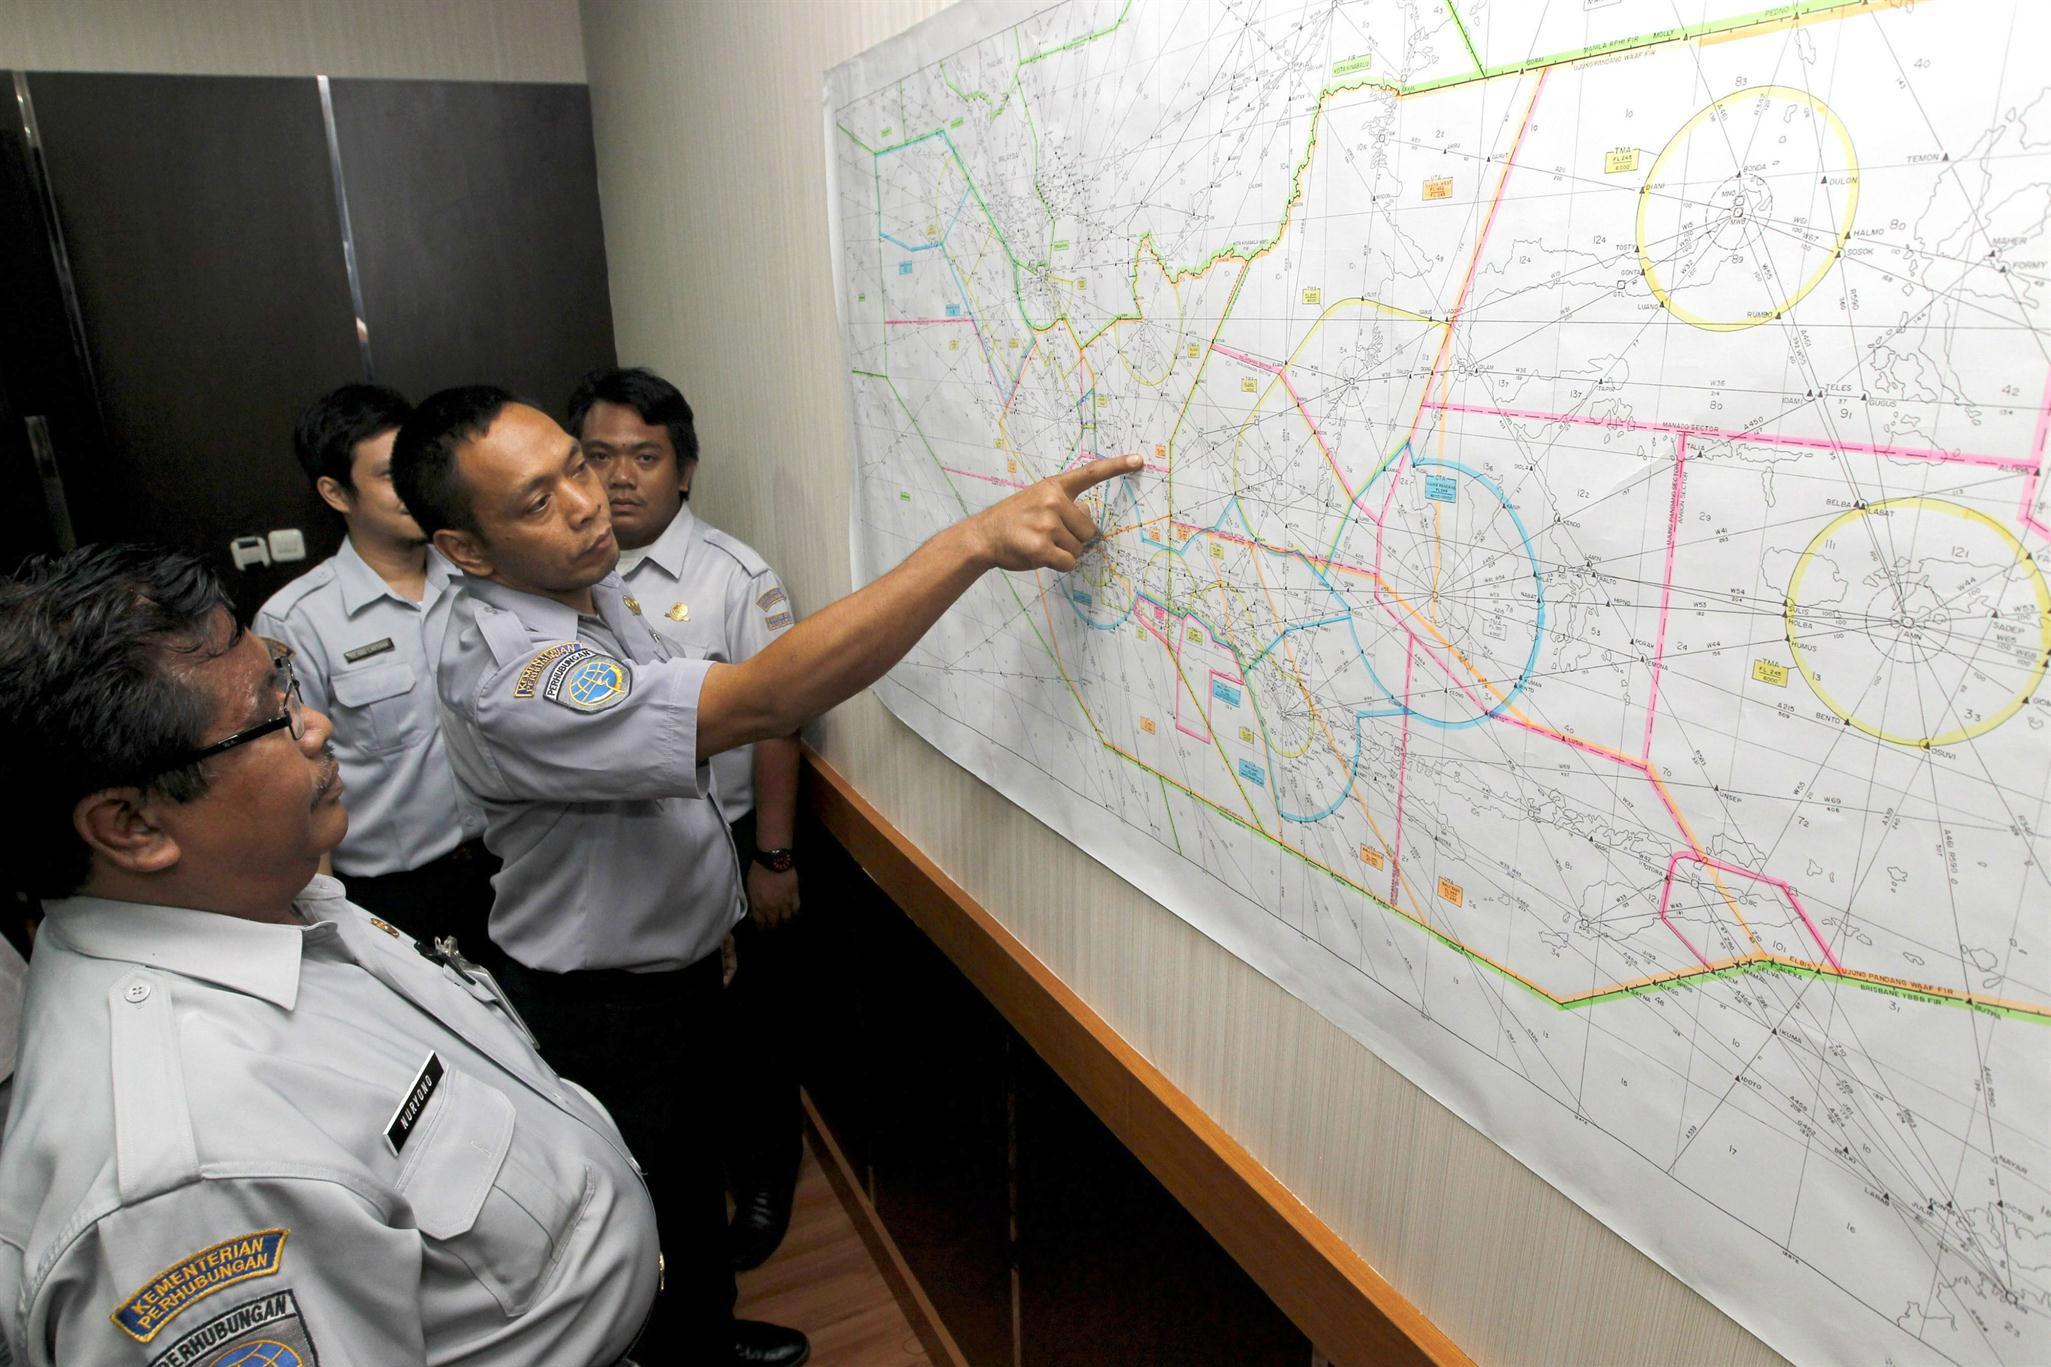 La búsqueda de la aeronave indonesia se complica por el difícil acceso a la región selvática de Papúa y por el mal tiempo